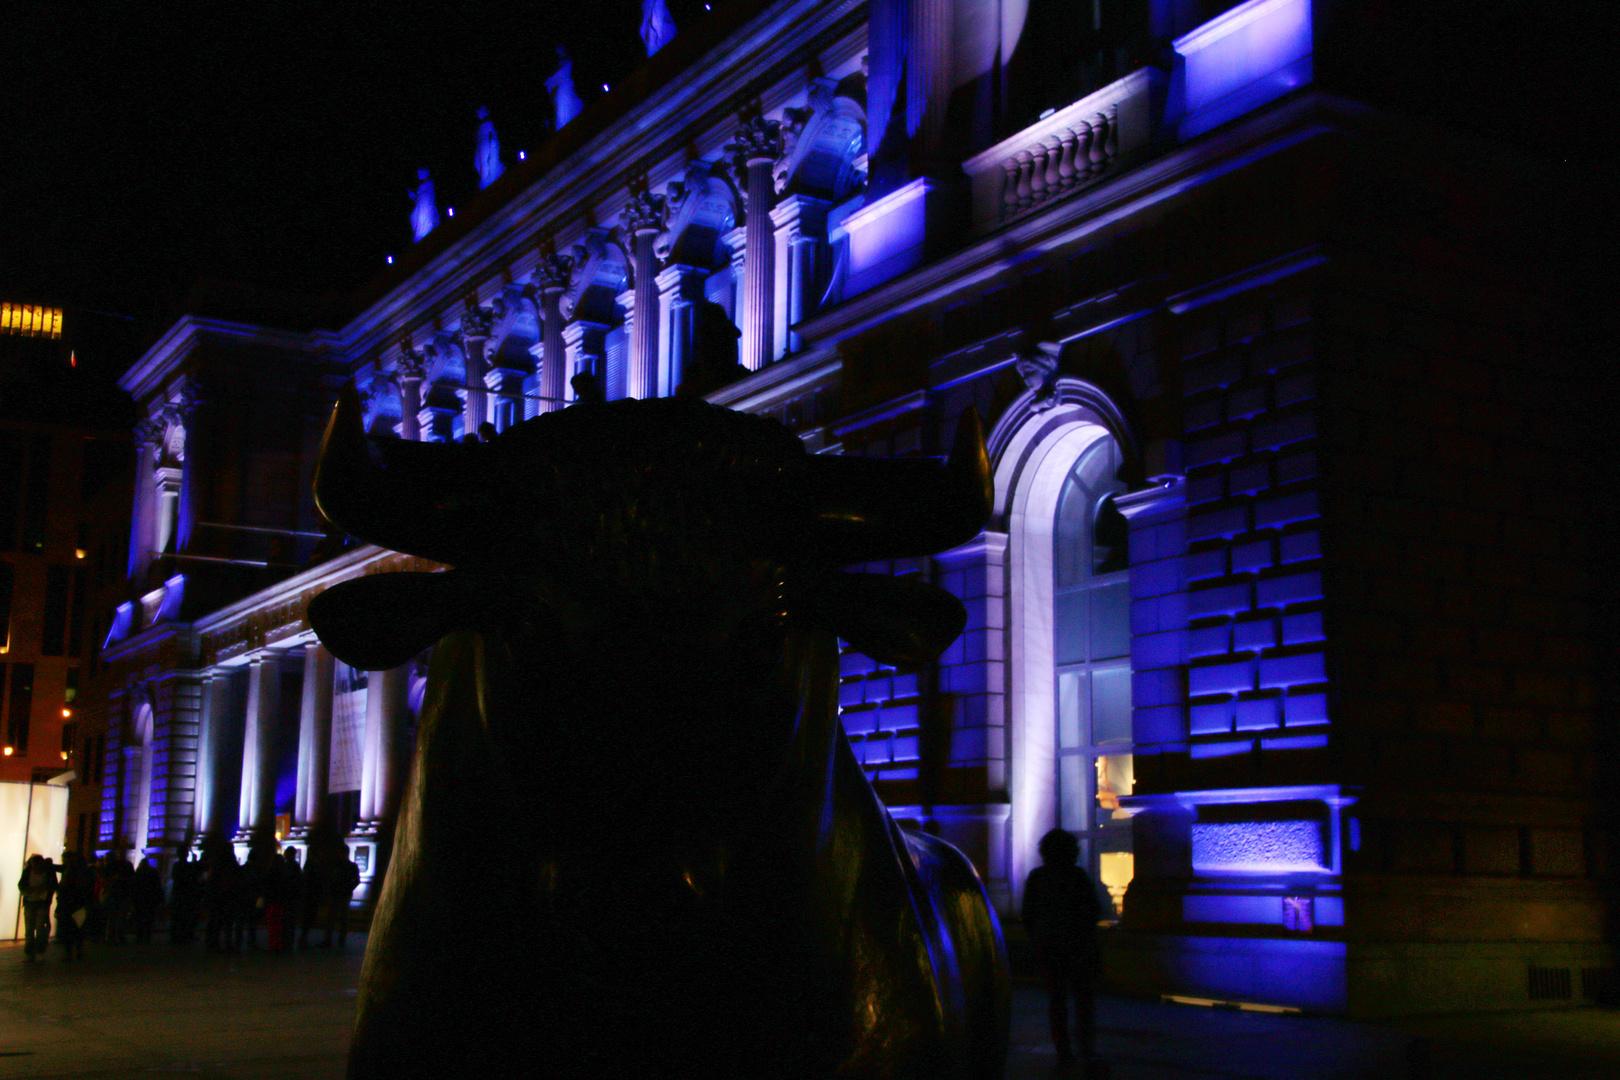 Illuminierte Börse